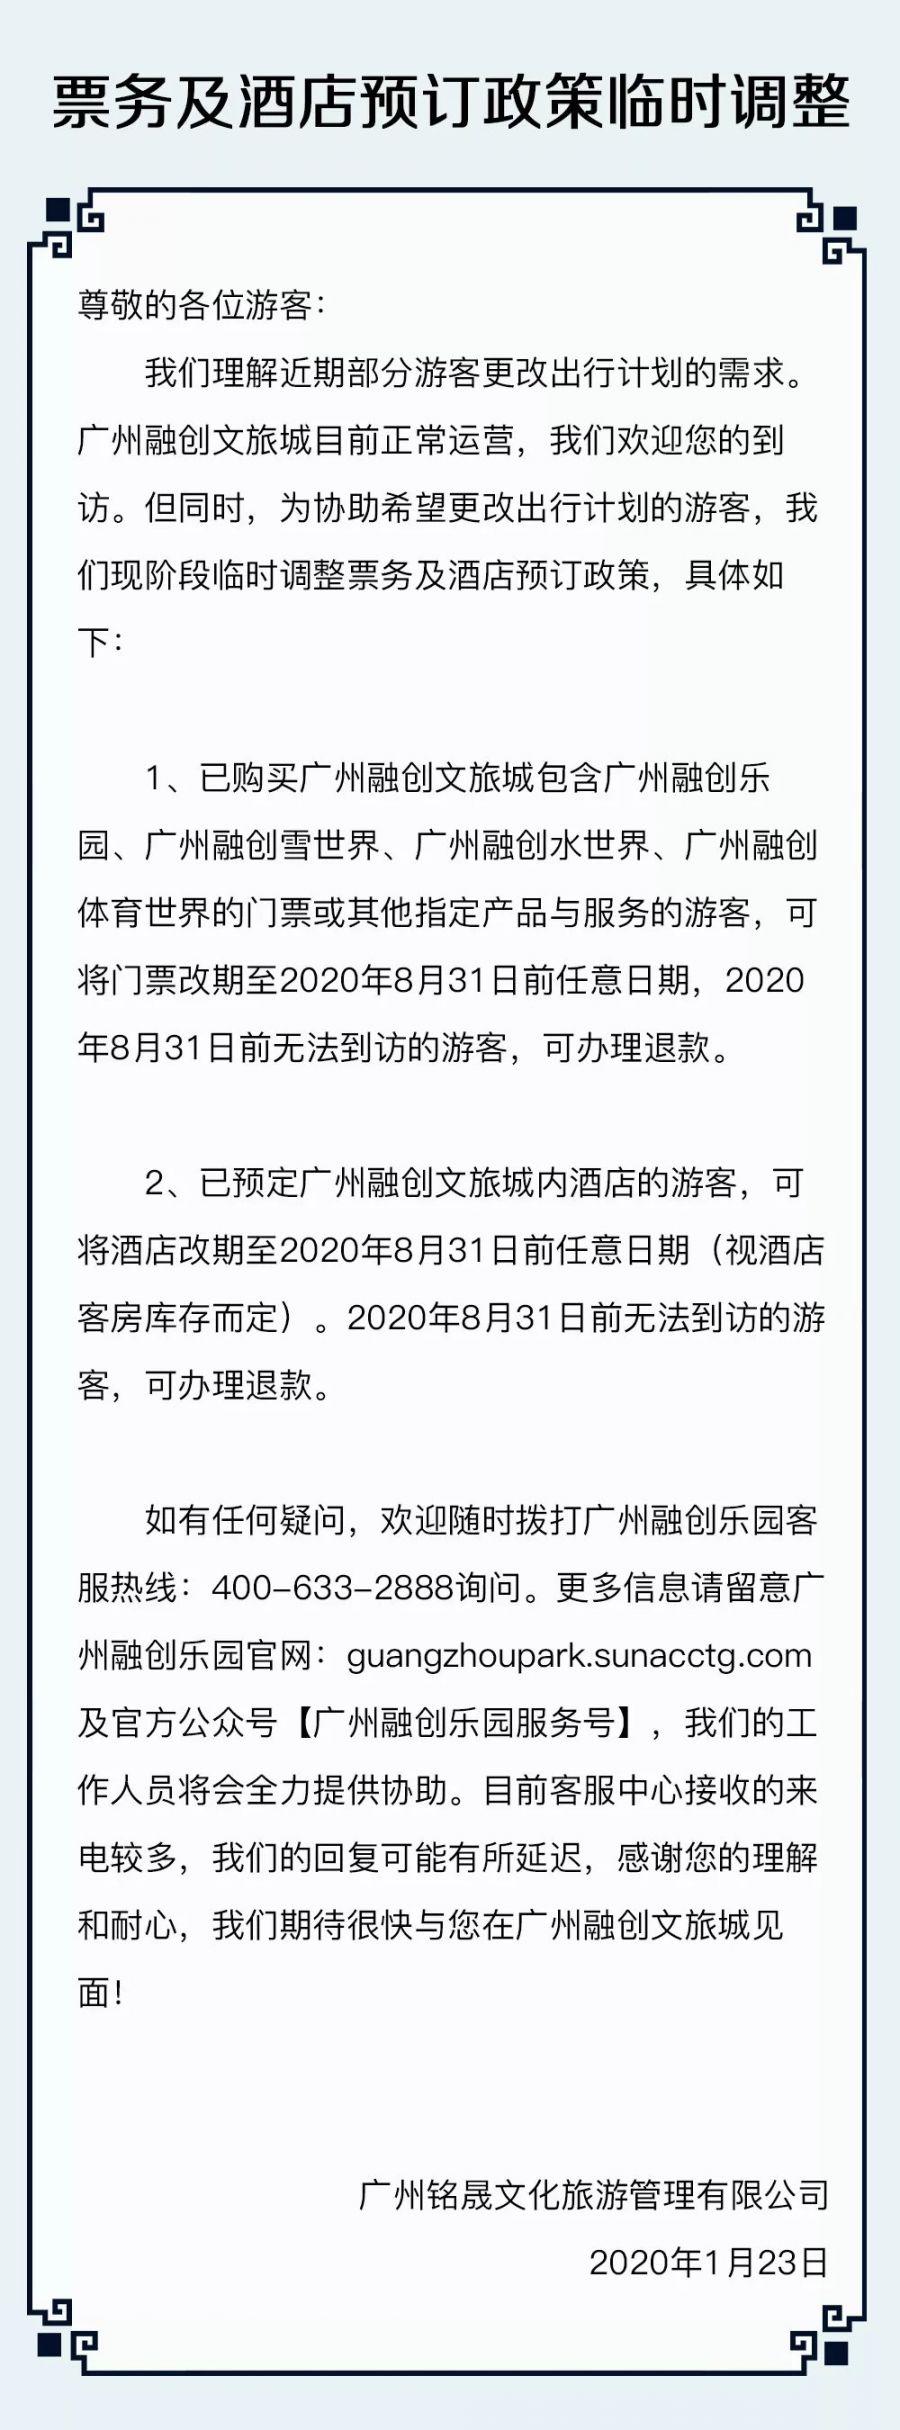 广州融创文旅城门票可改期或退款